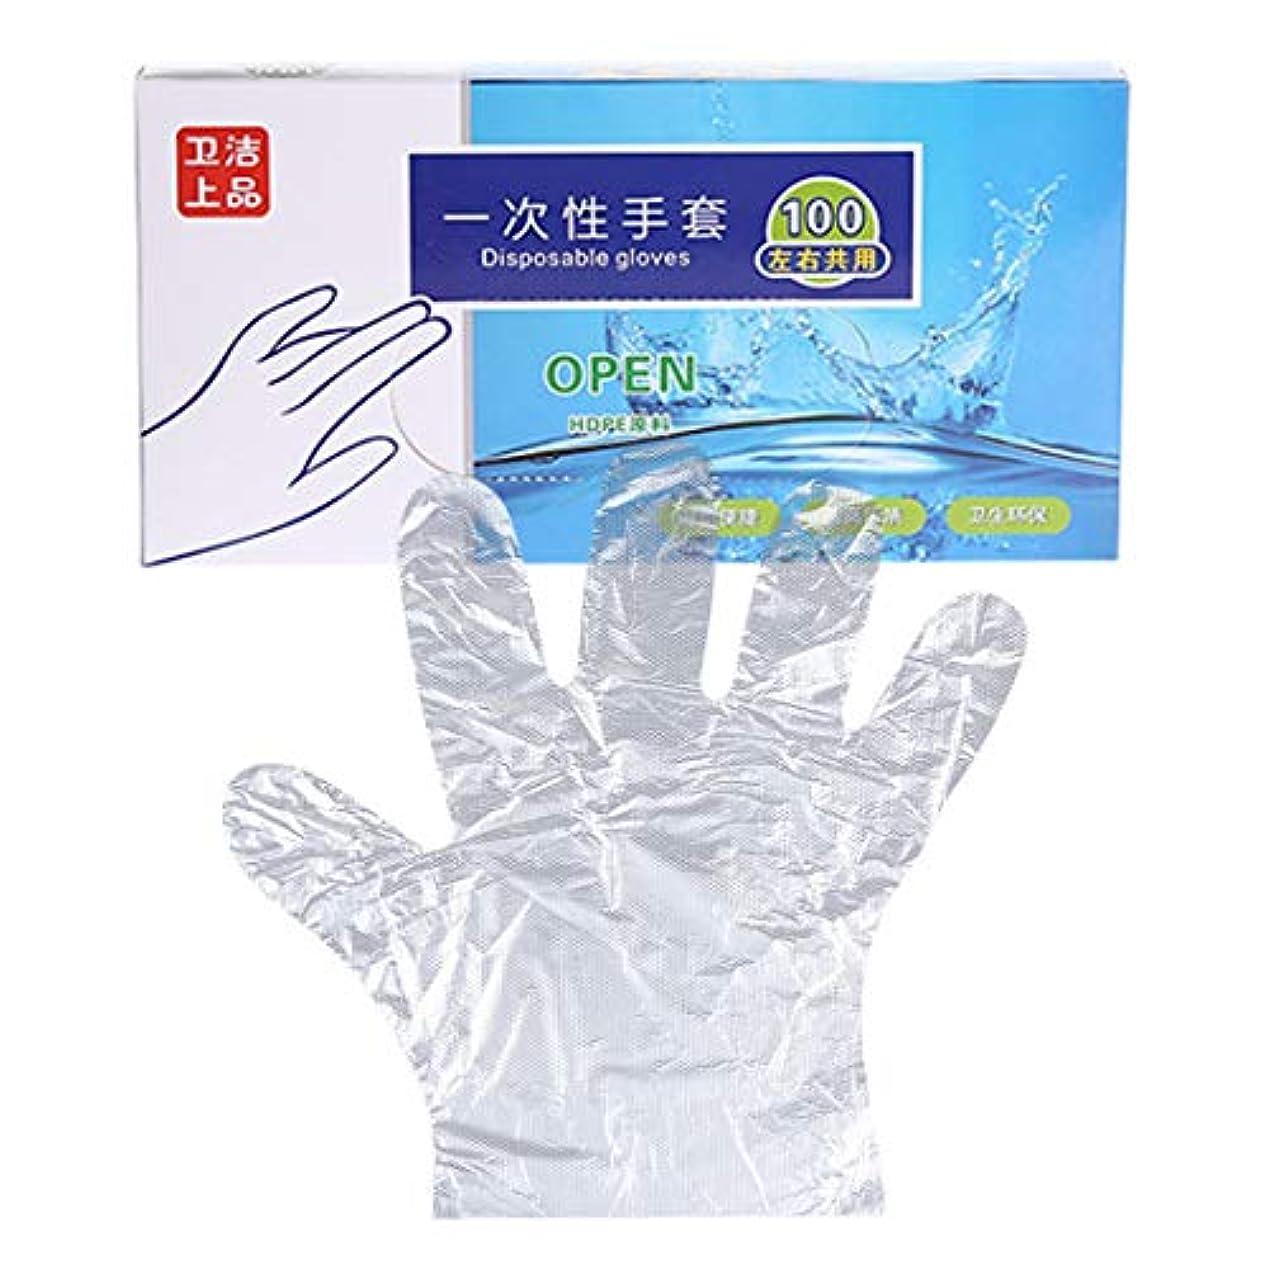 チェリーひそかに猟犬Pinji 使い捨て手袋 100本入 透明 フリーサイズ グローブ ポリエチレン手袋 左右兼用 ポリエチレン PE 実用 衛生 調理 清掃 染髪